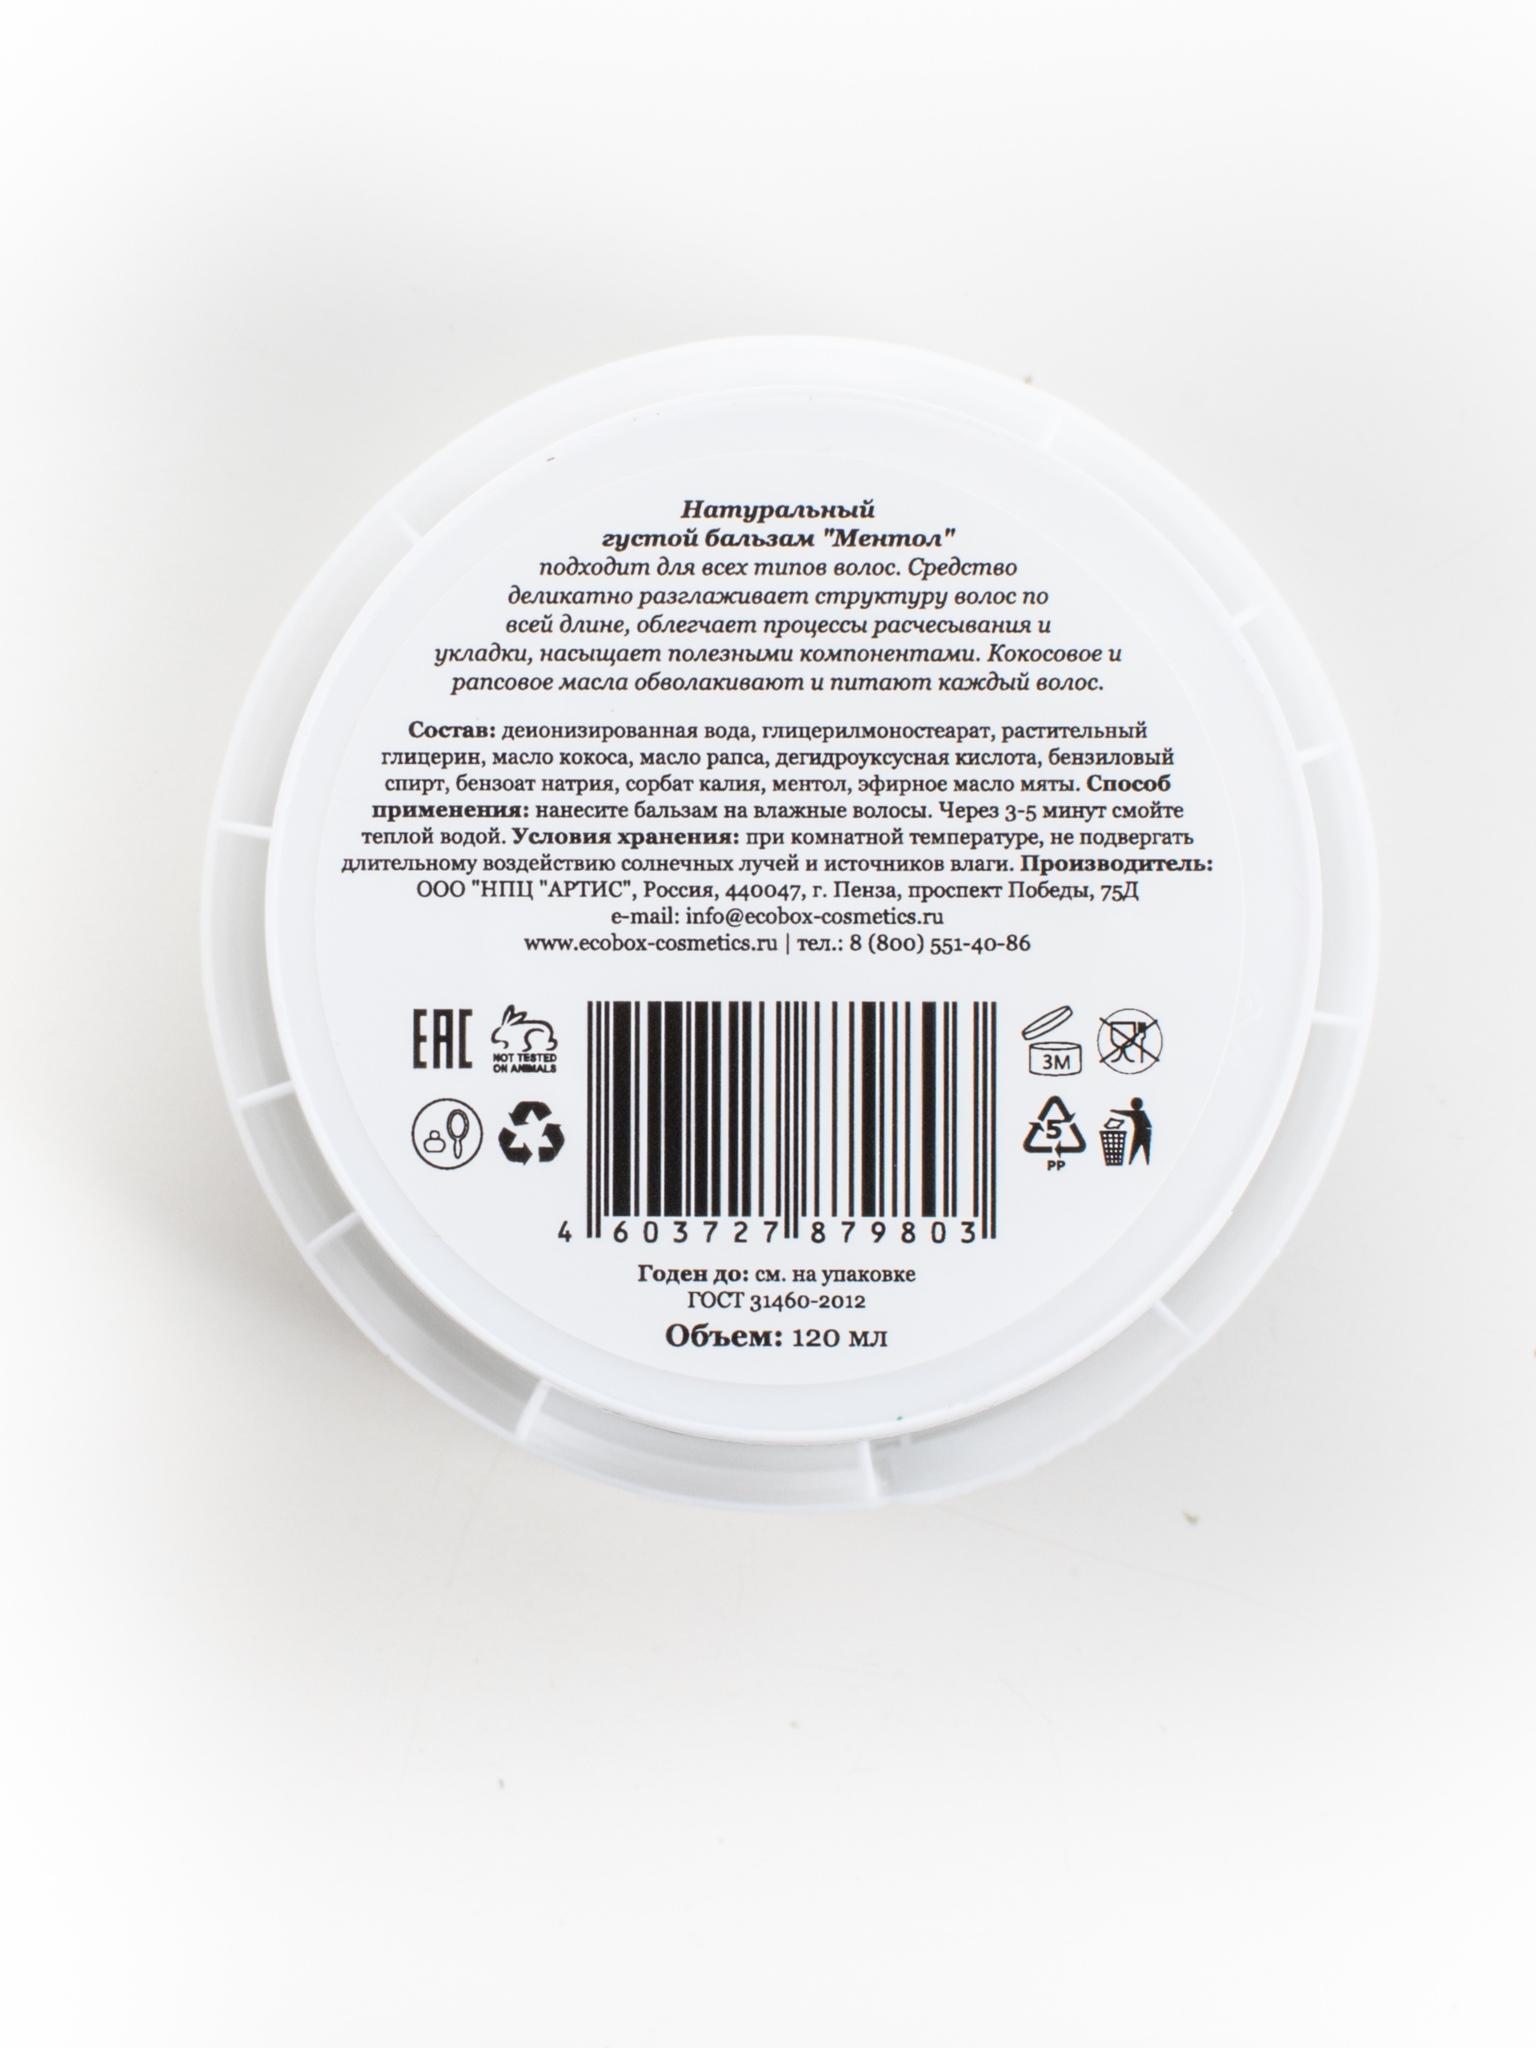 Натуральный густой бальзам для всех типов волос Ментол ECOBOX